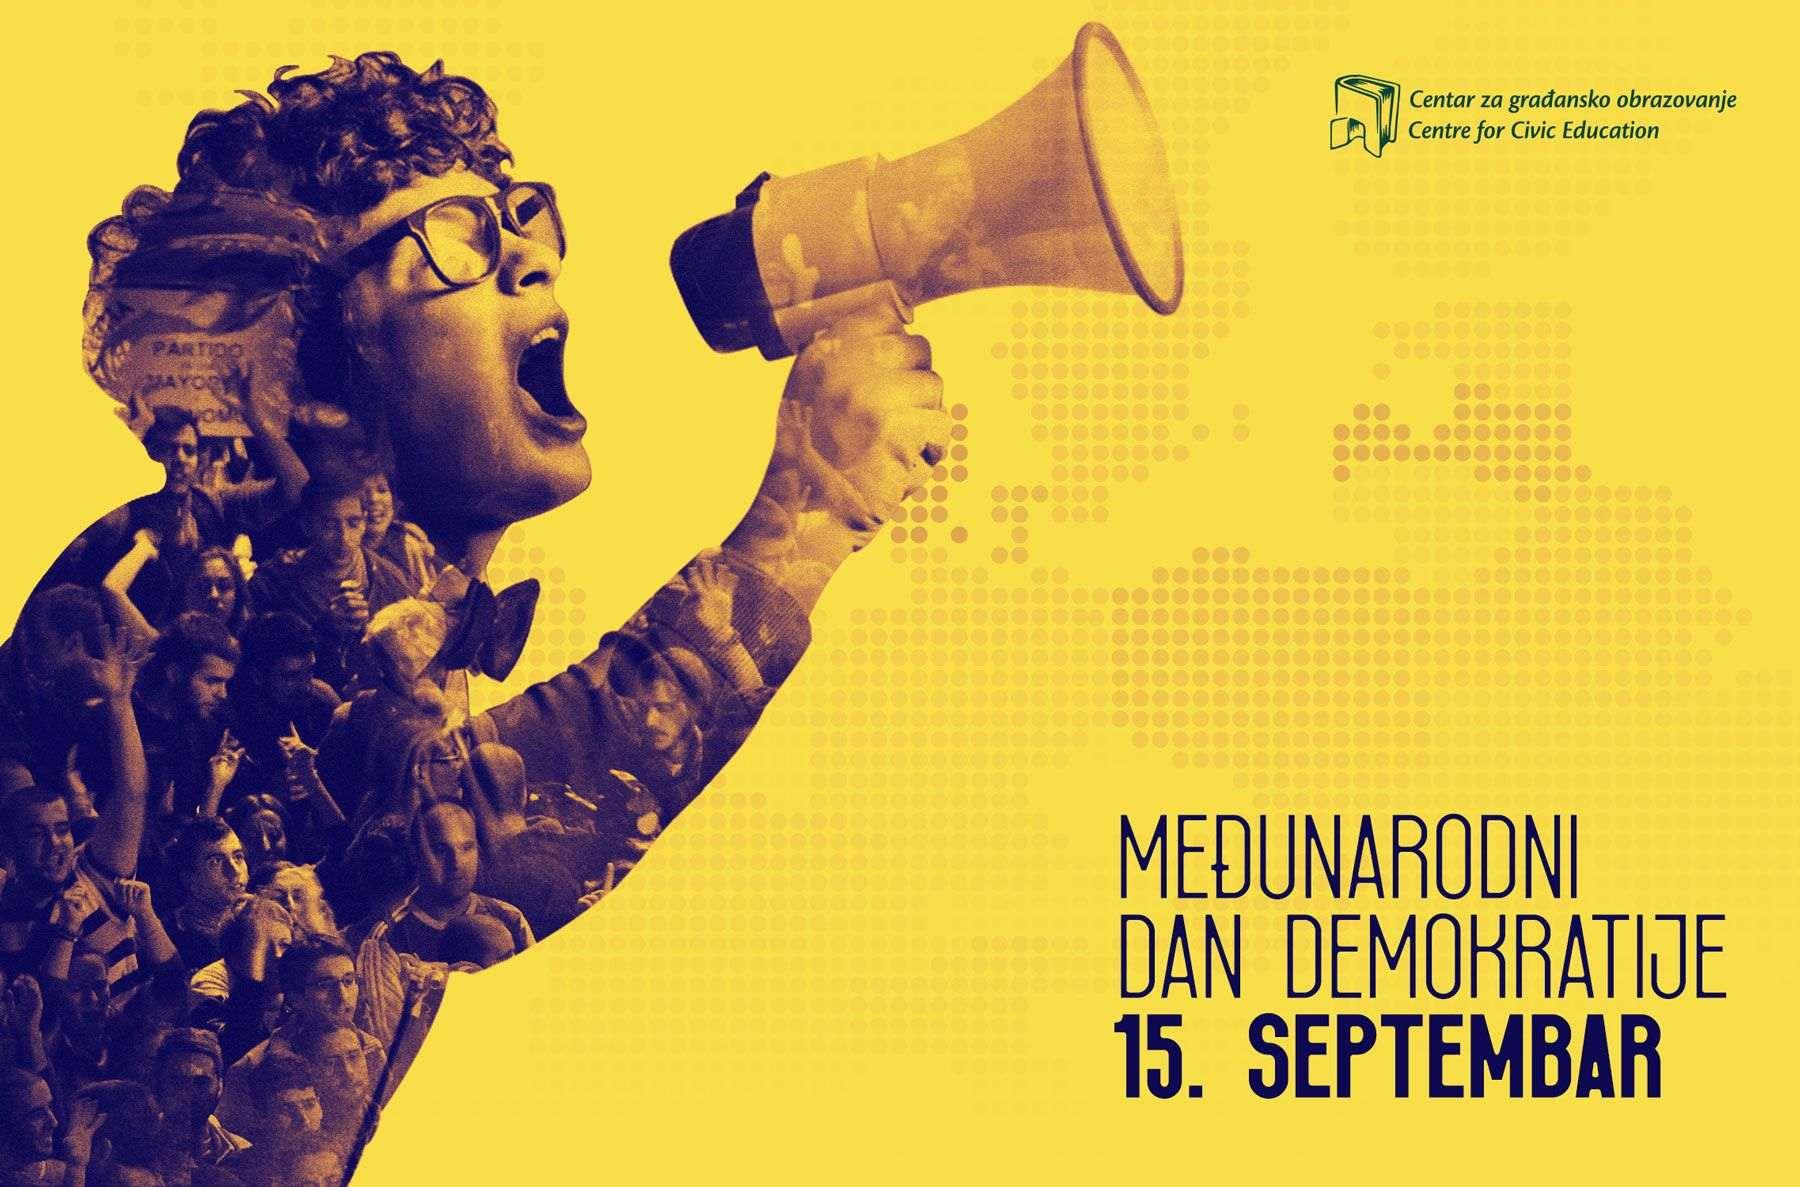 Međunarodni dan demokratije